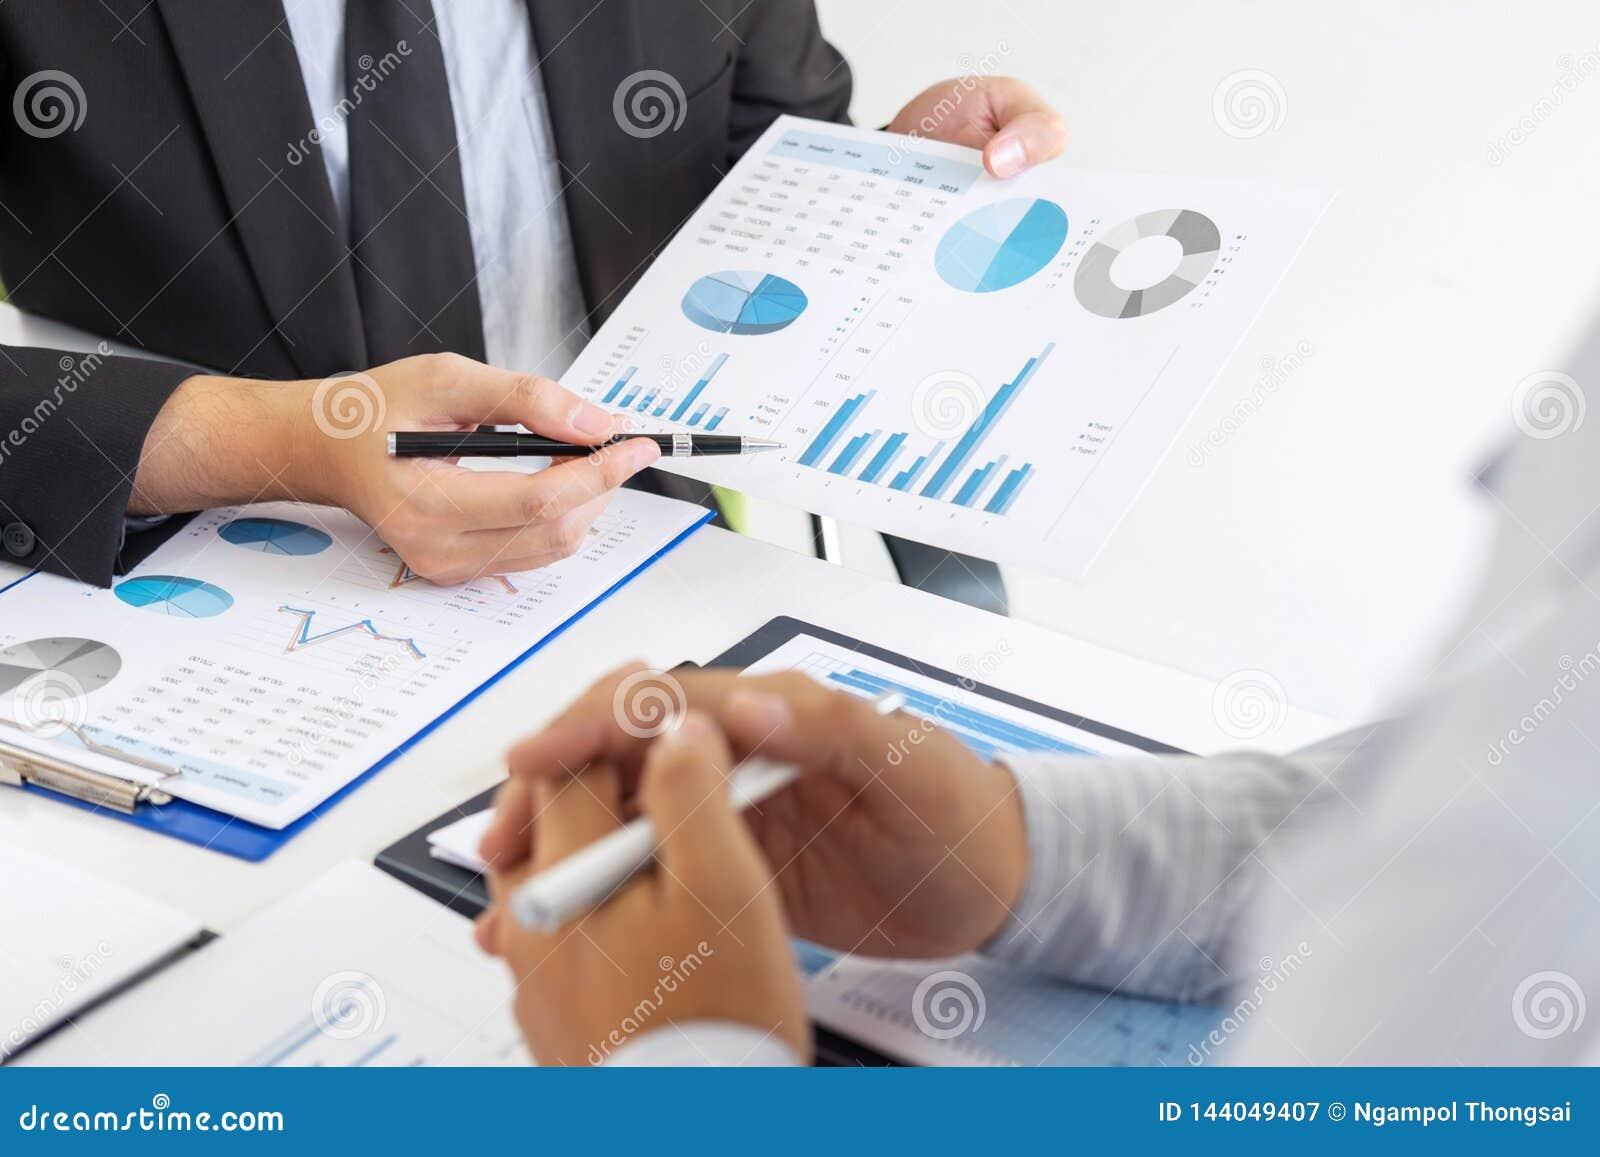 Professionele uitvoerende manager, Partner die ideeën marketing plan en presentatieproject van investering bespreken op vergaderi